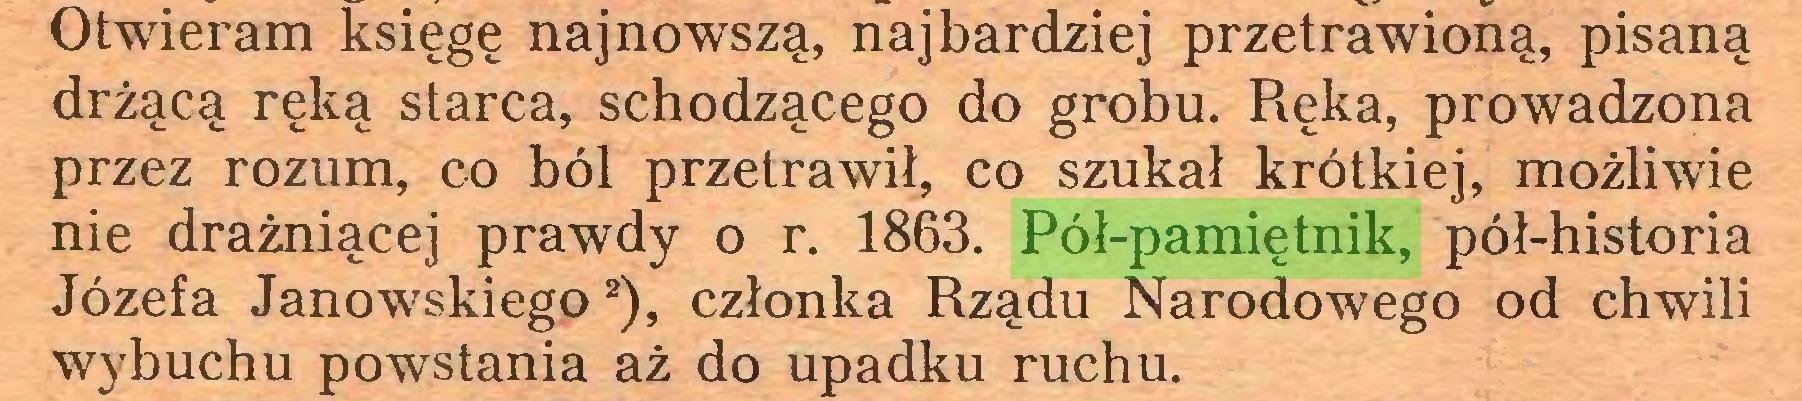 (...) Otwieram księgę najnowszą, najbardziej przetrawioną, pisaną drżącą ręką starca, schodzącego do grobu. Ręka, prowadzona przez rozum, co ból przetrawił, co szukał krótkiej, możliwie nie drażniącej prawdy o r. 1863. Pół-pamiętnik, pół-historia Józefa Janowskiego1  2), członka Rządu Narodowego od chwili wybuchu powstania aż do upadku ruchu...